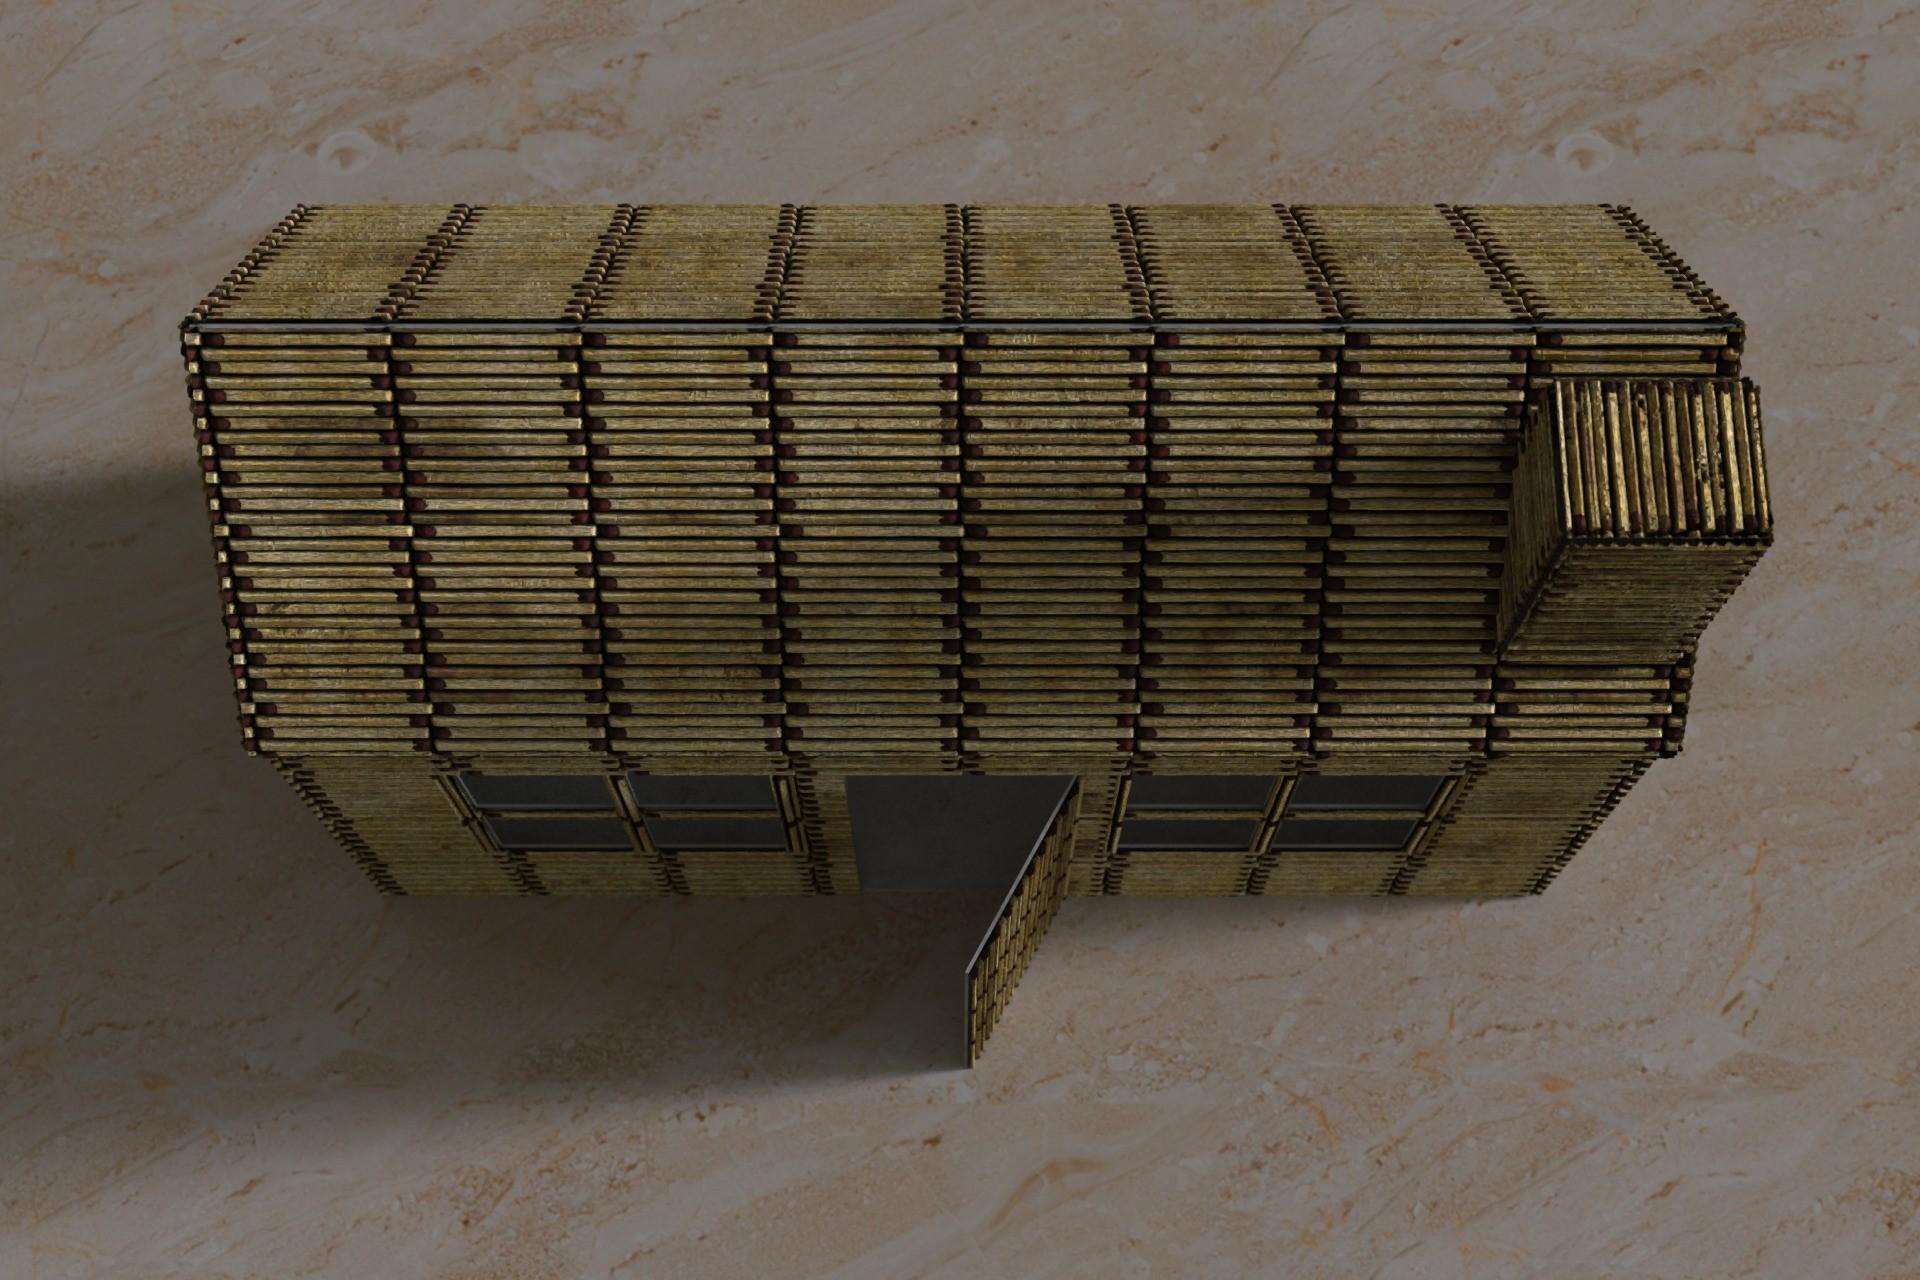 Cem tezcan matchstick house r1 00003